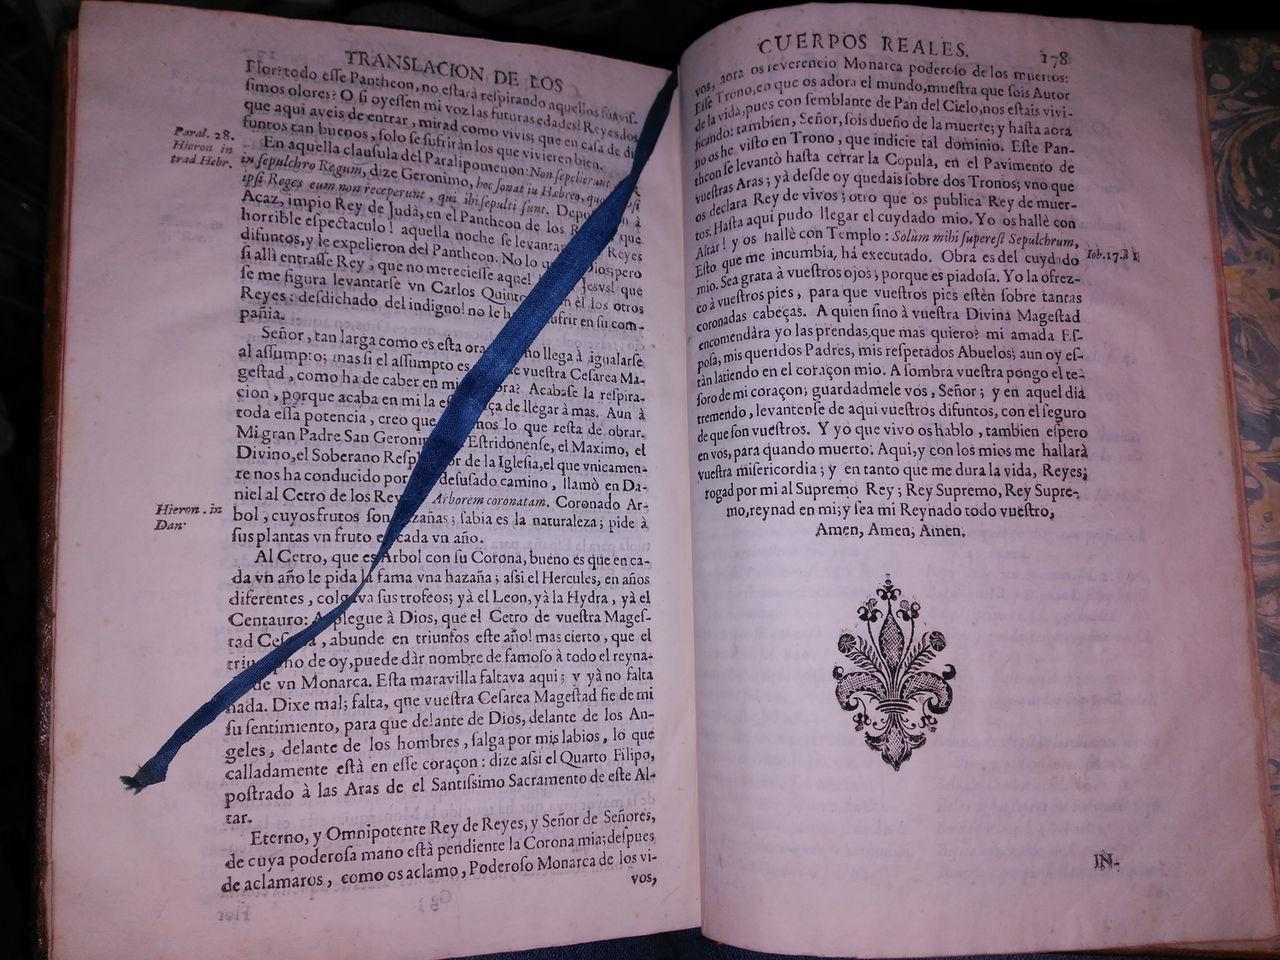 Libro sobre el Real Monasterio de San Lorenzo de el Escorial. Dedicado a Marqués de la Ensenada. Interior_punto_lectura